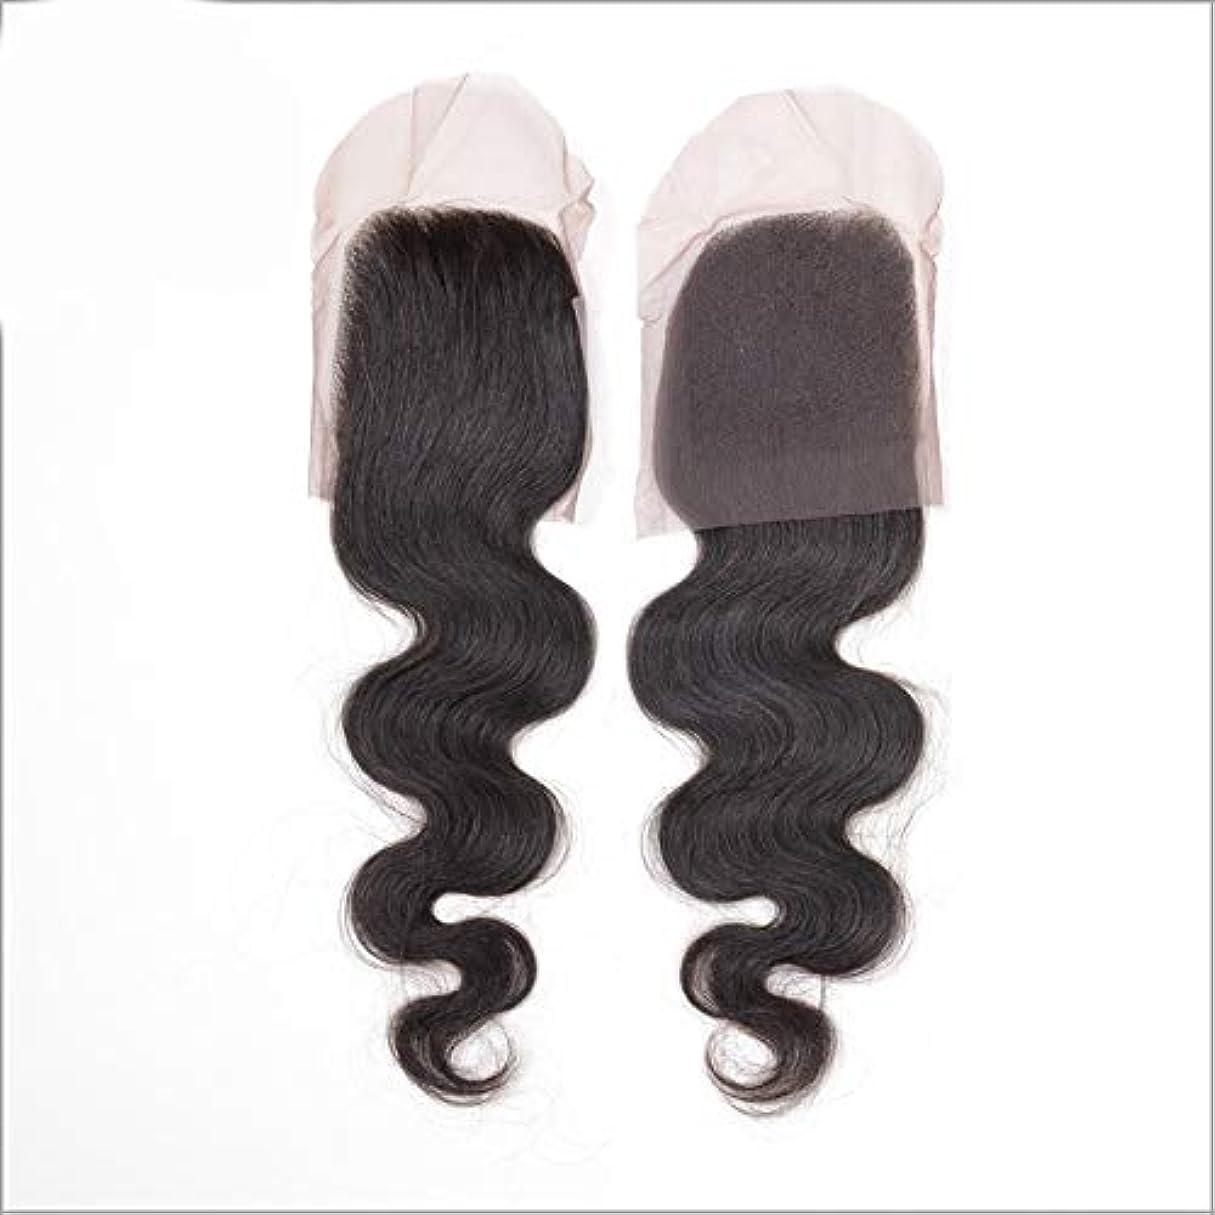 外交年次増強HOHYLLYA ブラジル髪織りバンドルで閉鎖レース前頭4×4フリーパート実体波フルレースナチュラルヘアエクステンション用女性複合ヘアレースかつらロールプレイングかつら (色 : 黒, サイズ : 10 inch)